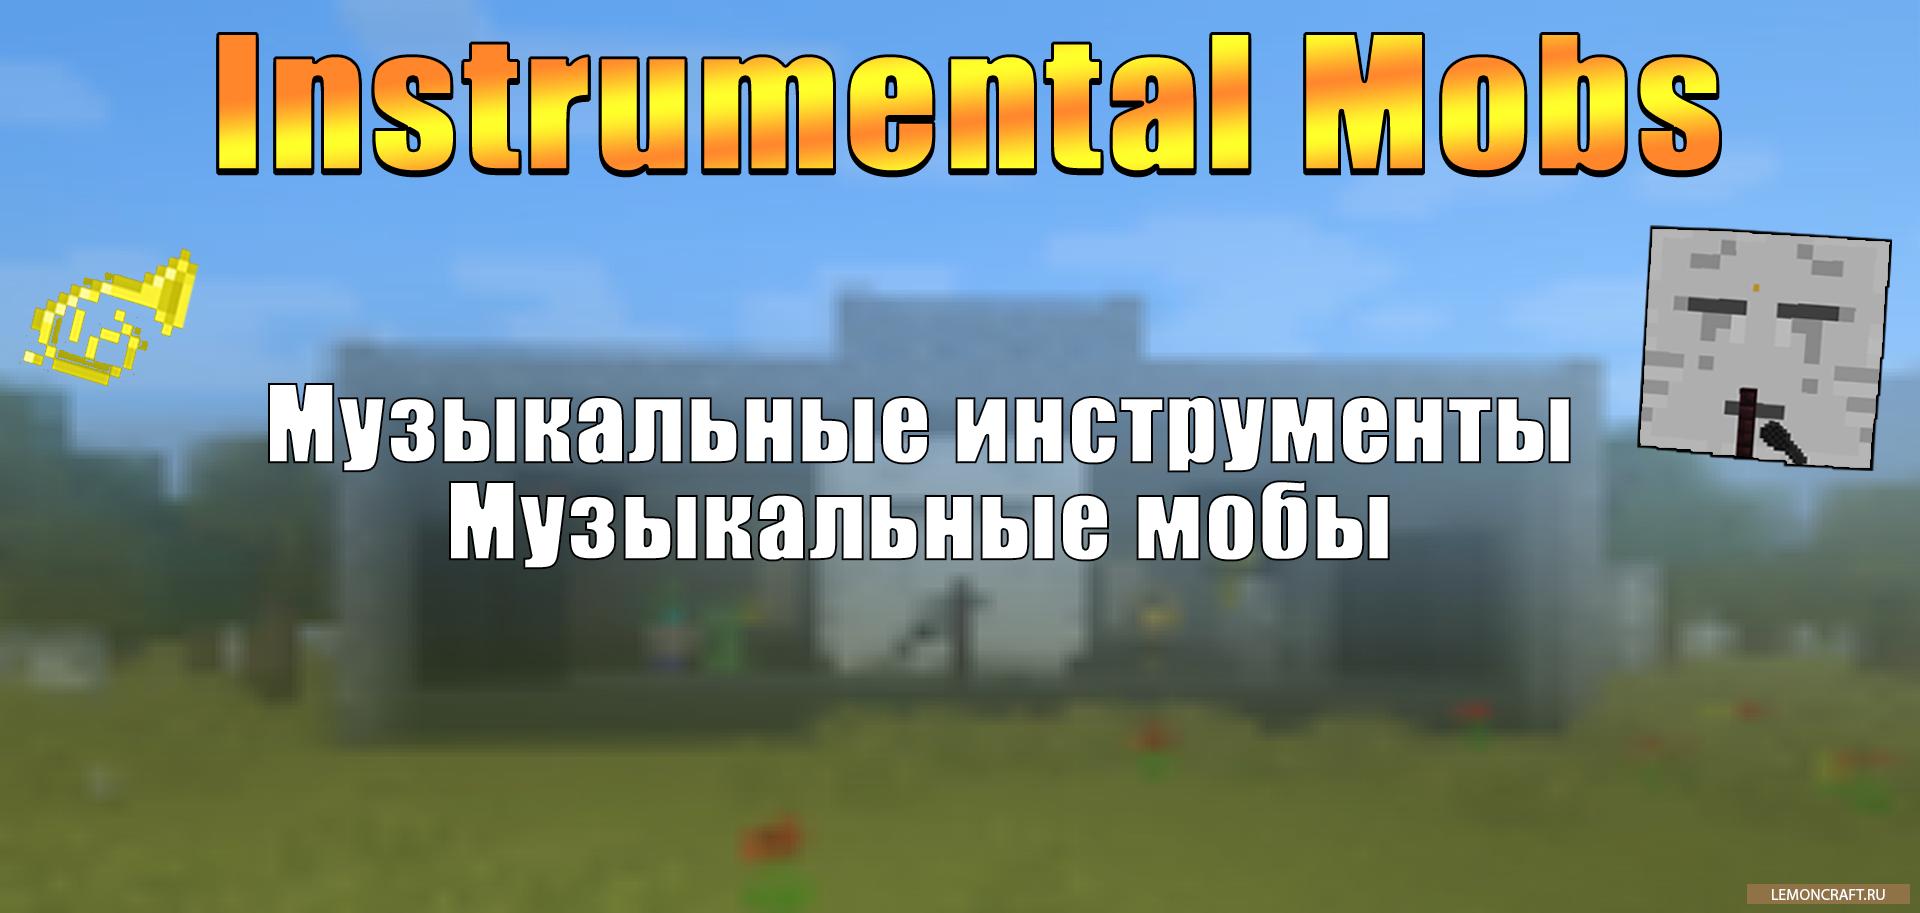 Мод на музыкальные инструменты Instrumental Mobs [1.12.2]